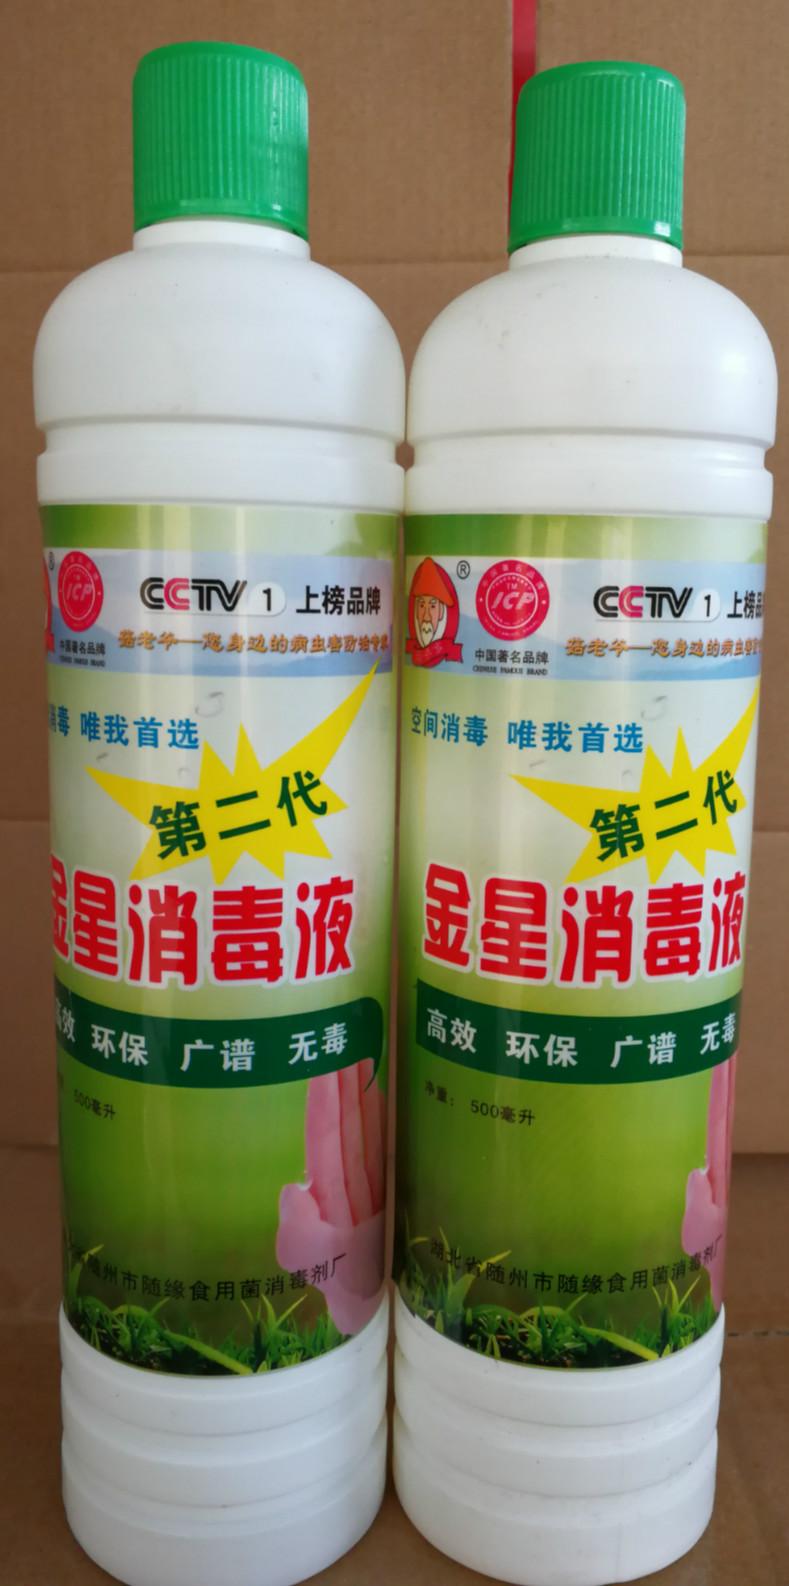 食用菌灭菌剂,84消毒液,环境消毒剂,二代金星消毒液 每箱500毫升*30瓶